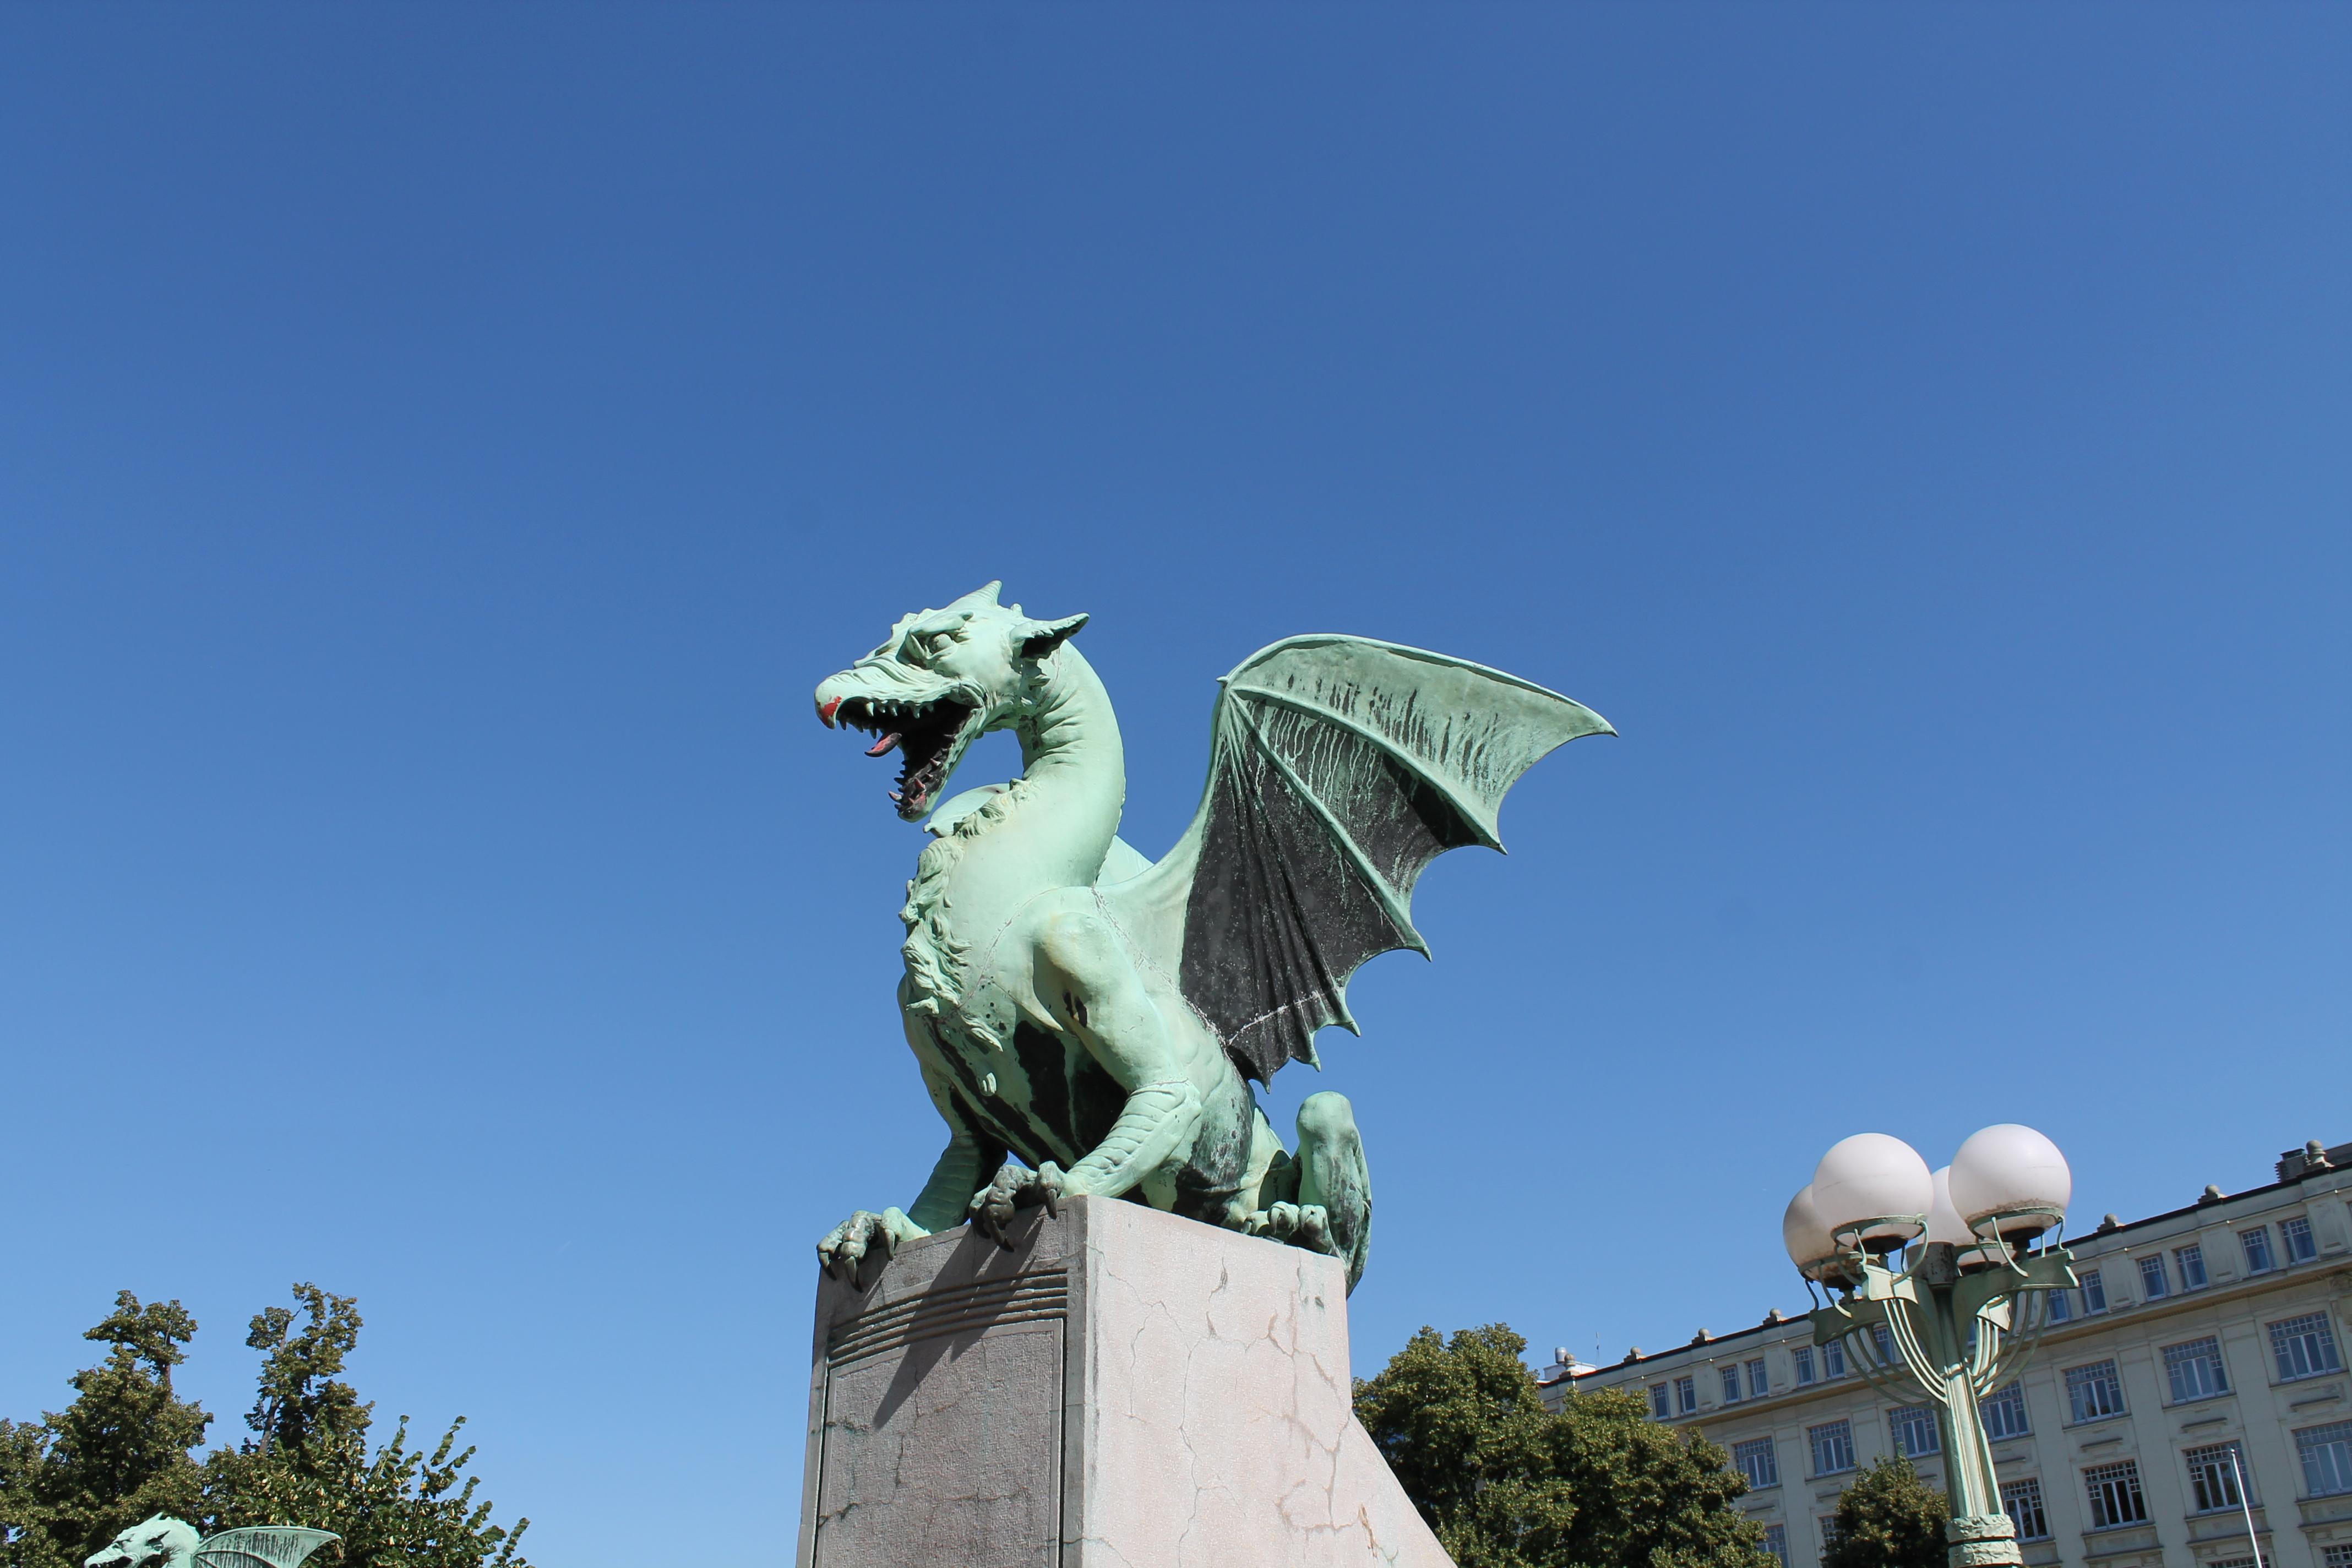 dragon of the Dragon Bridge in Ljubljana